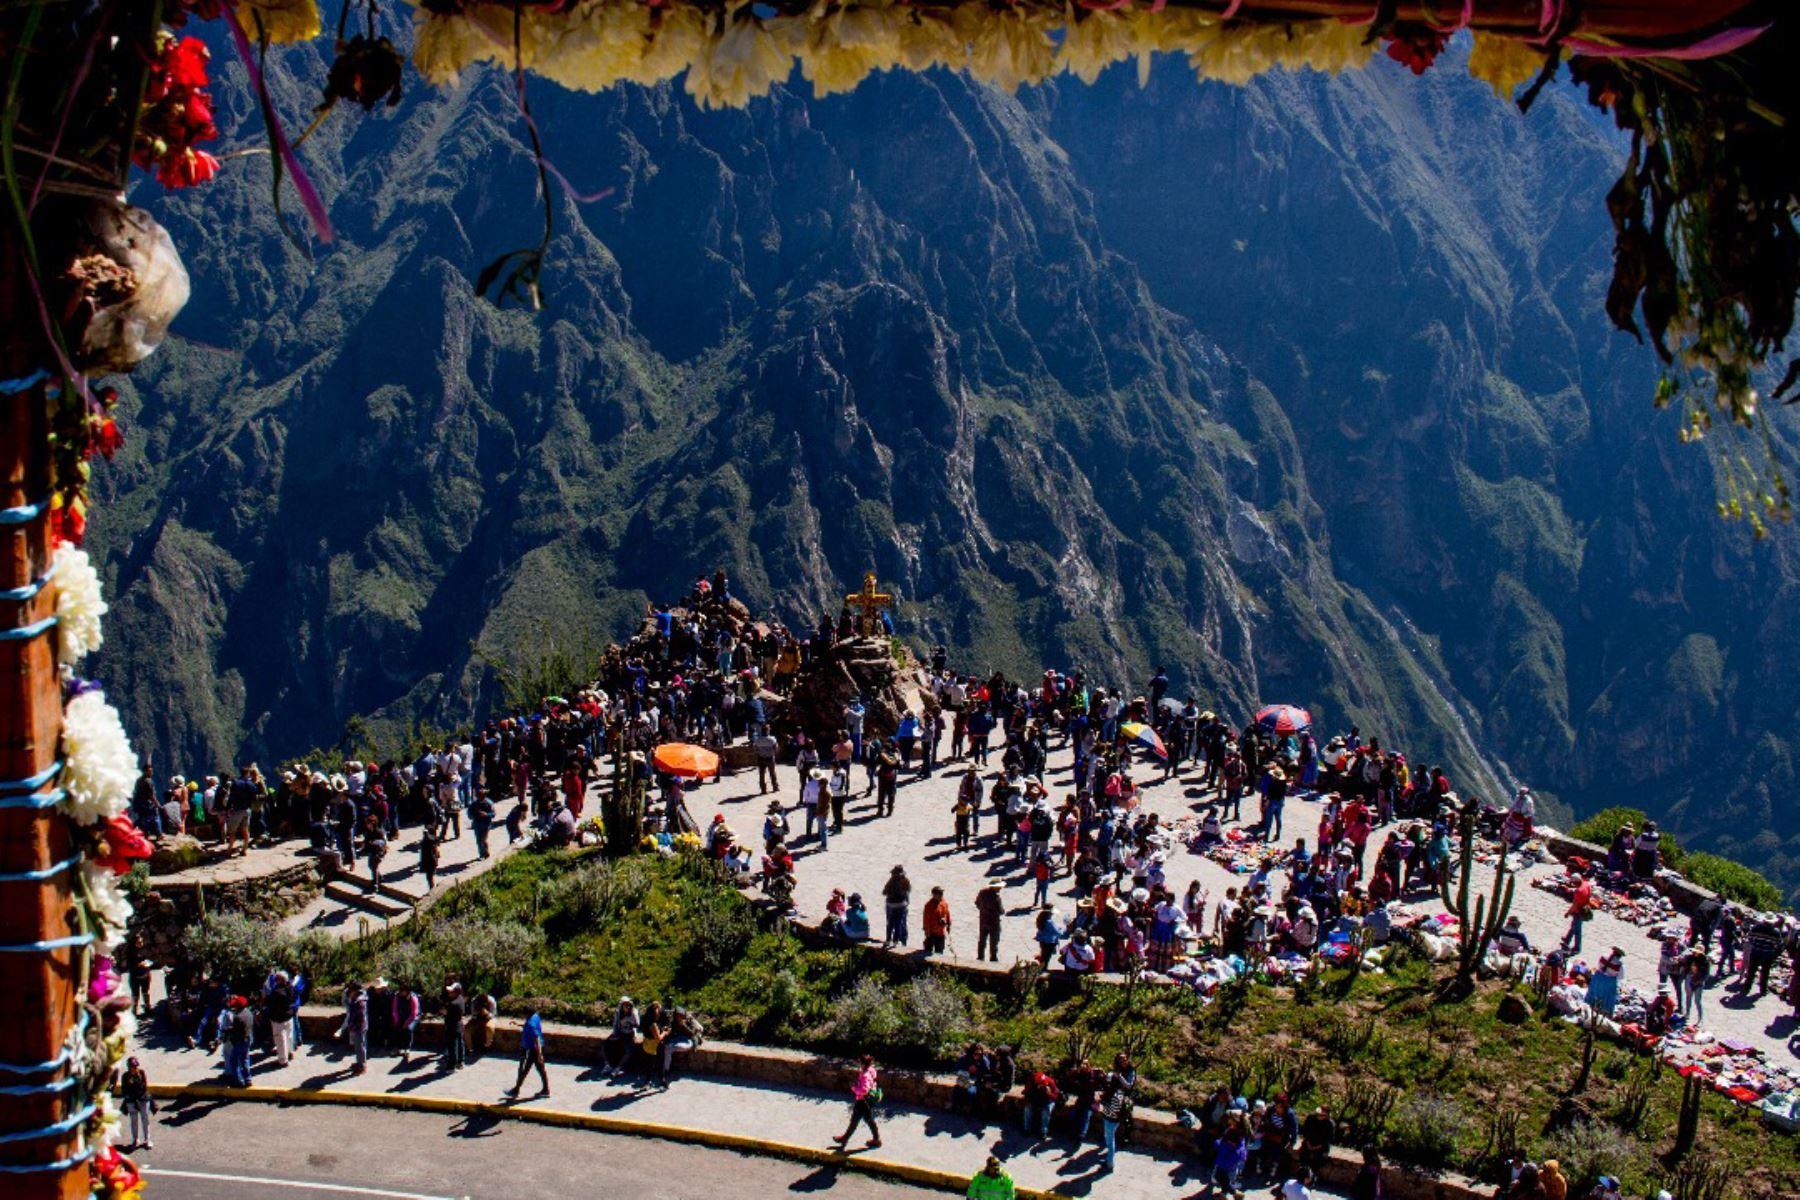 El valle del Colca, en la provincia de Caylloma, es uno de los principales destinos turísticos de Arequipa. Foto: ANDINA